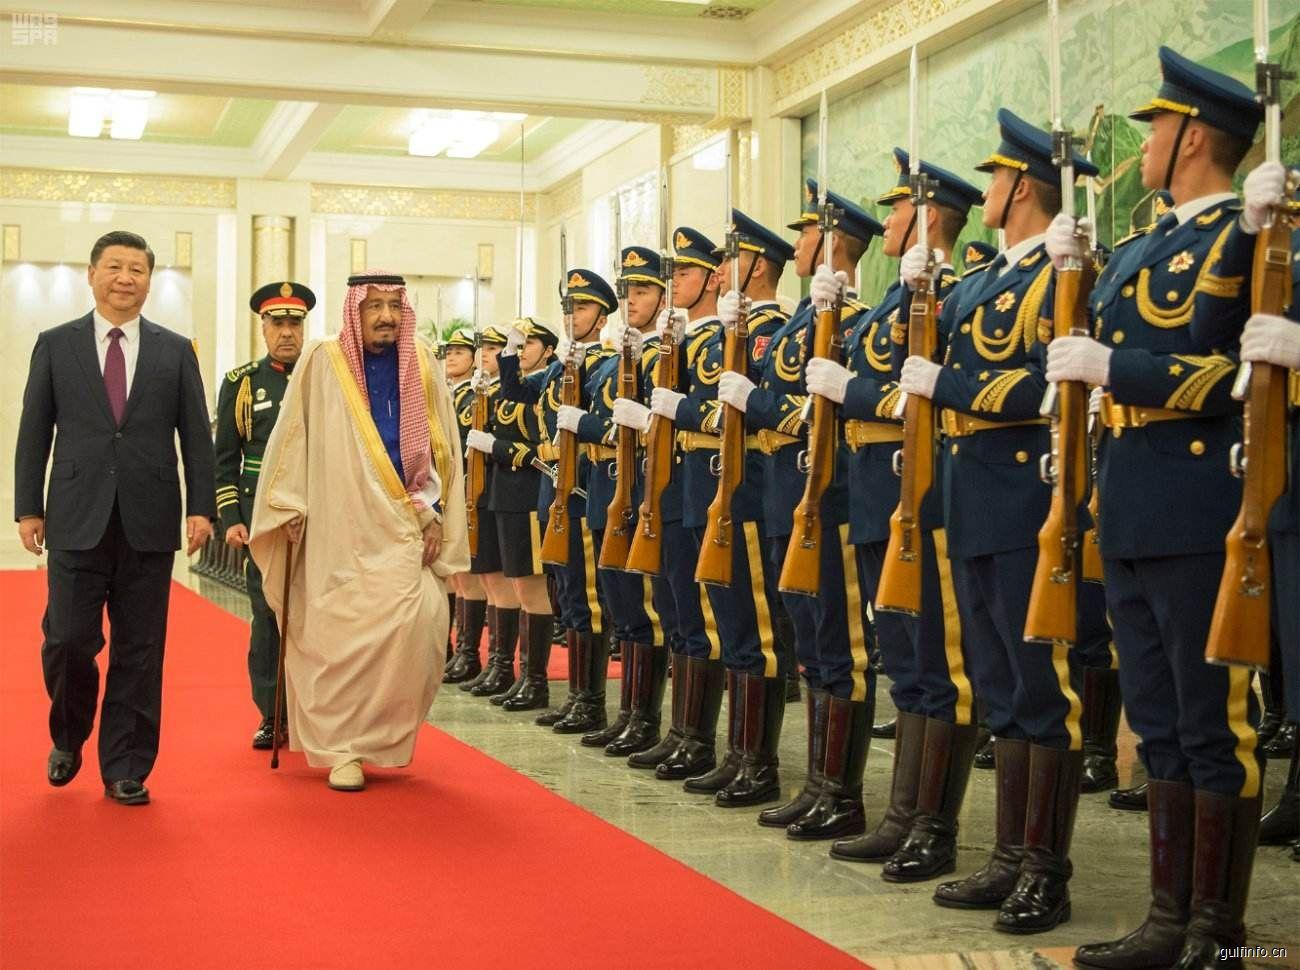 沙特国王摆出超级豪华阵容访华,挥手签下4500亿人民币超级大单!